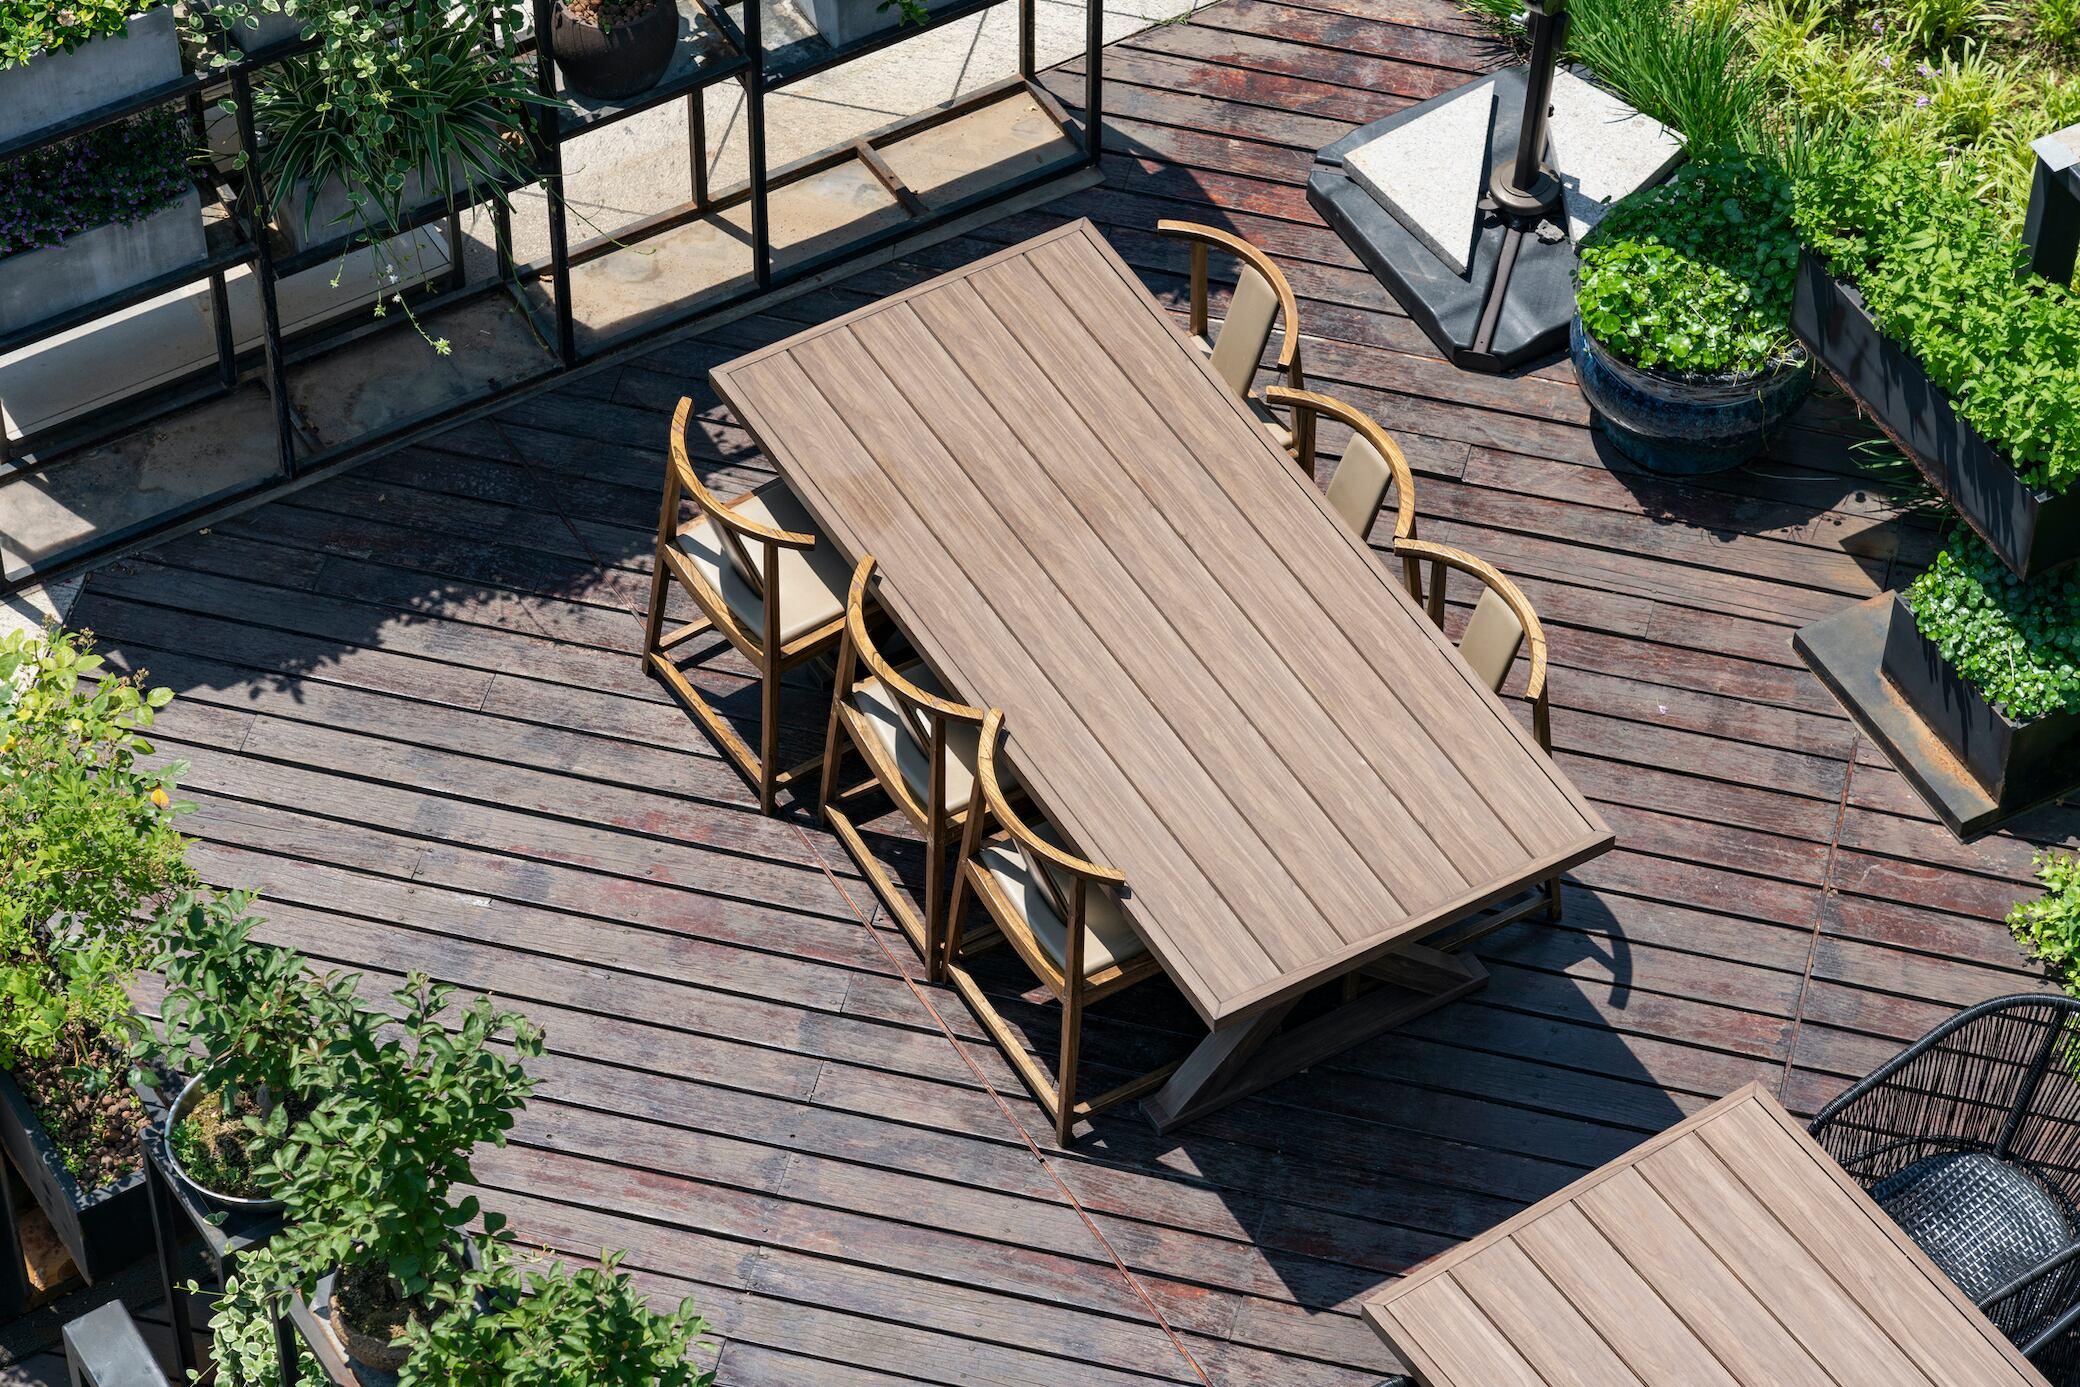 Dachterrasse Gestalten Bodenbelag Pflanzen Mobel Myhomebook